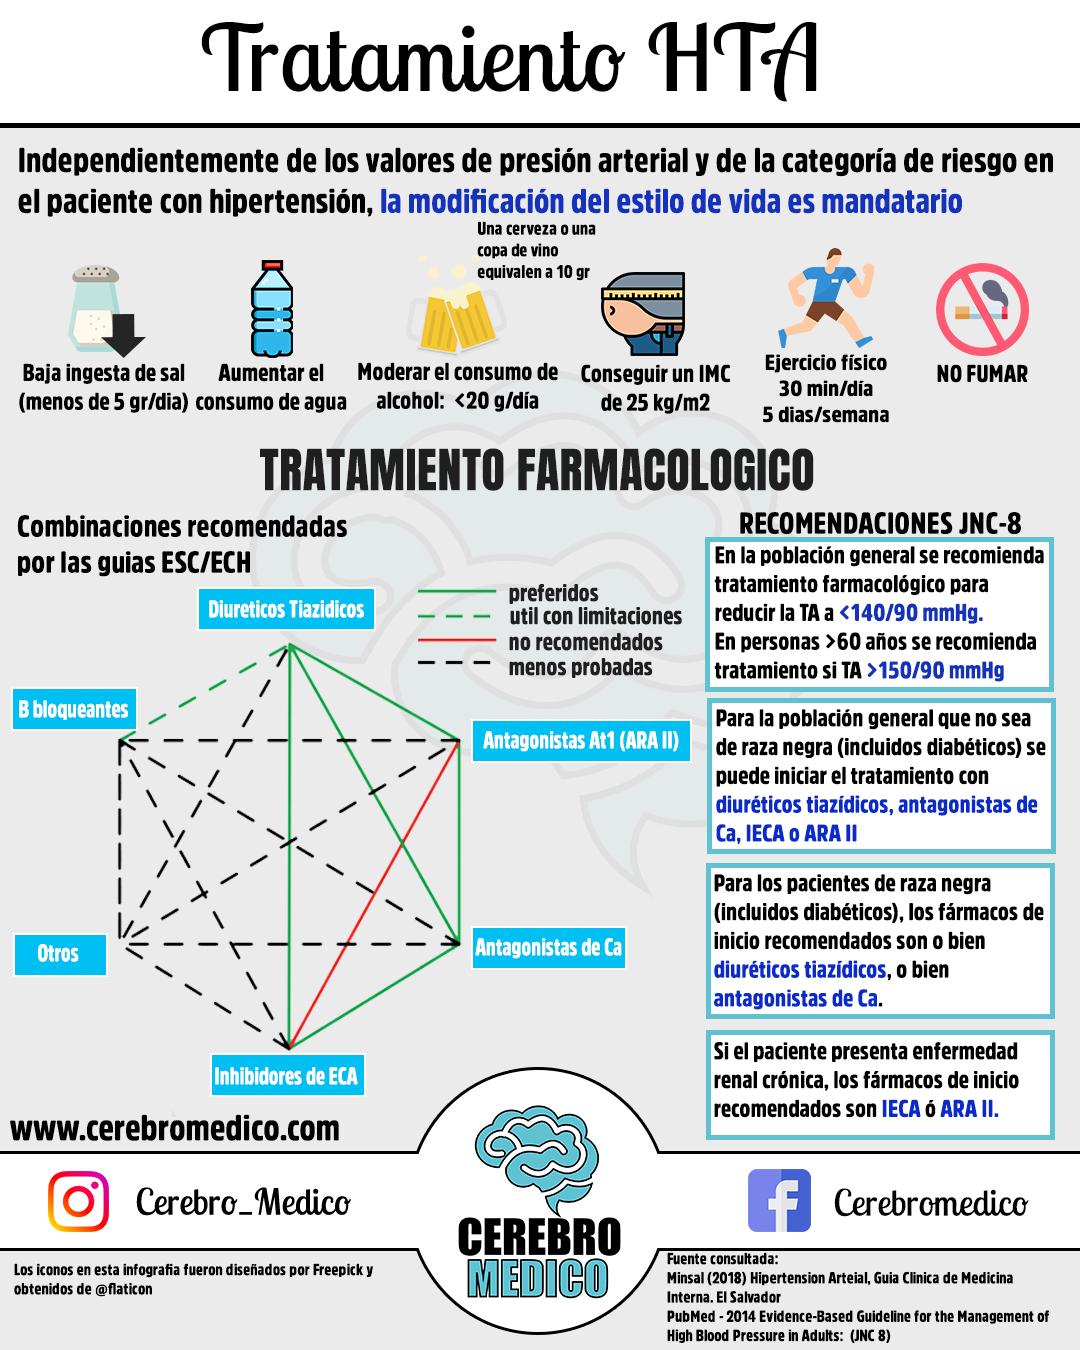 Tratamiento hipertensión arterial el - Pieridi du choux..